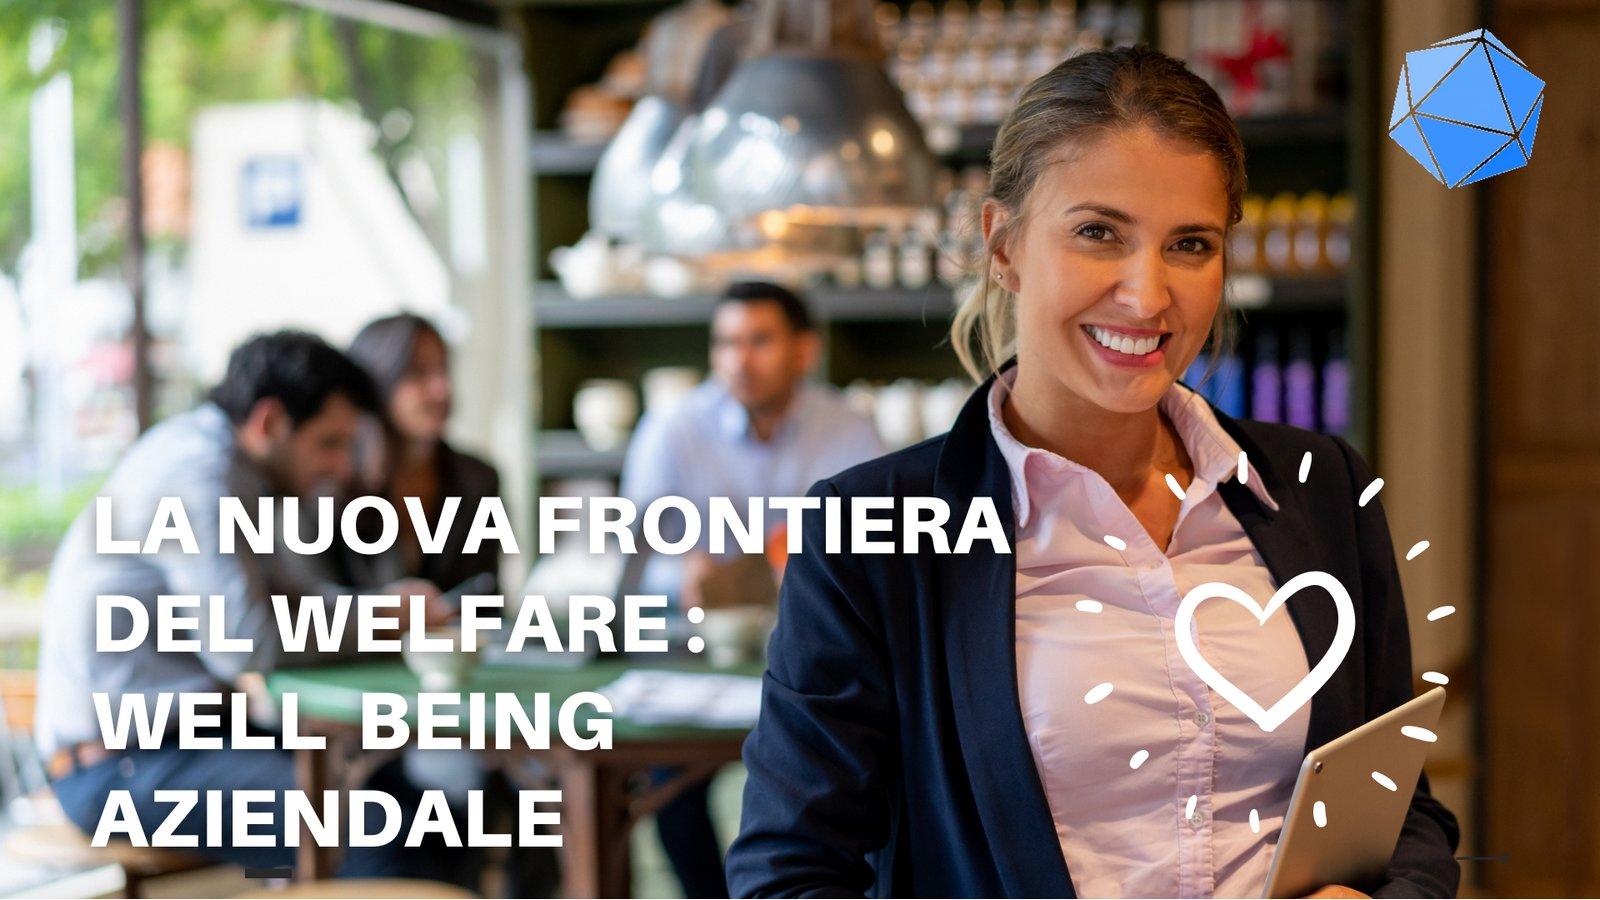 La nuova frontiera del welfare - il wellbeing aziendale - Poliedra